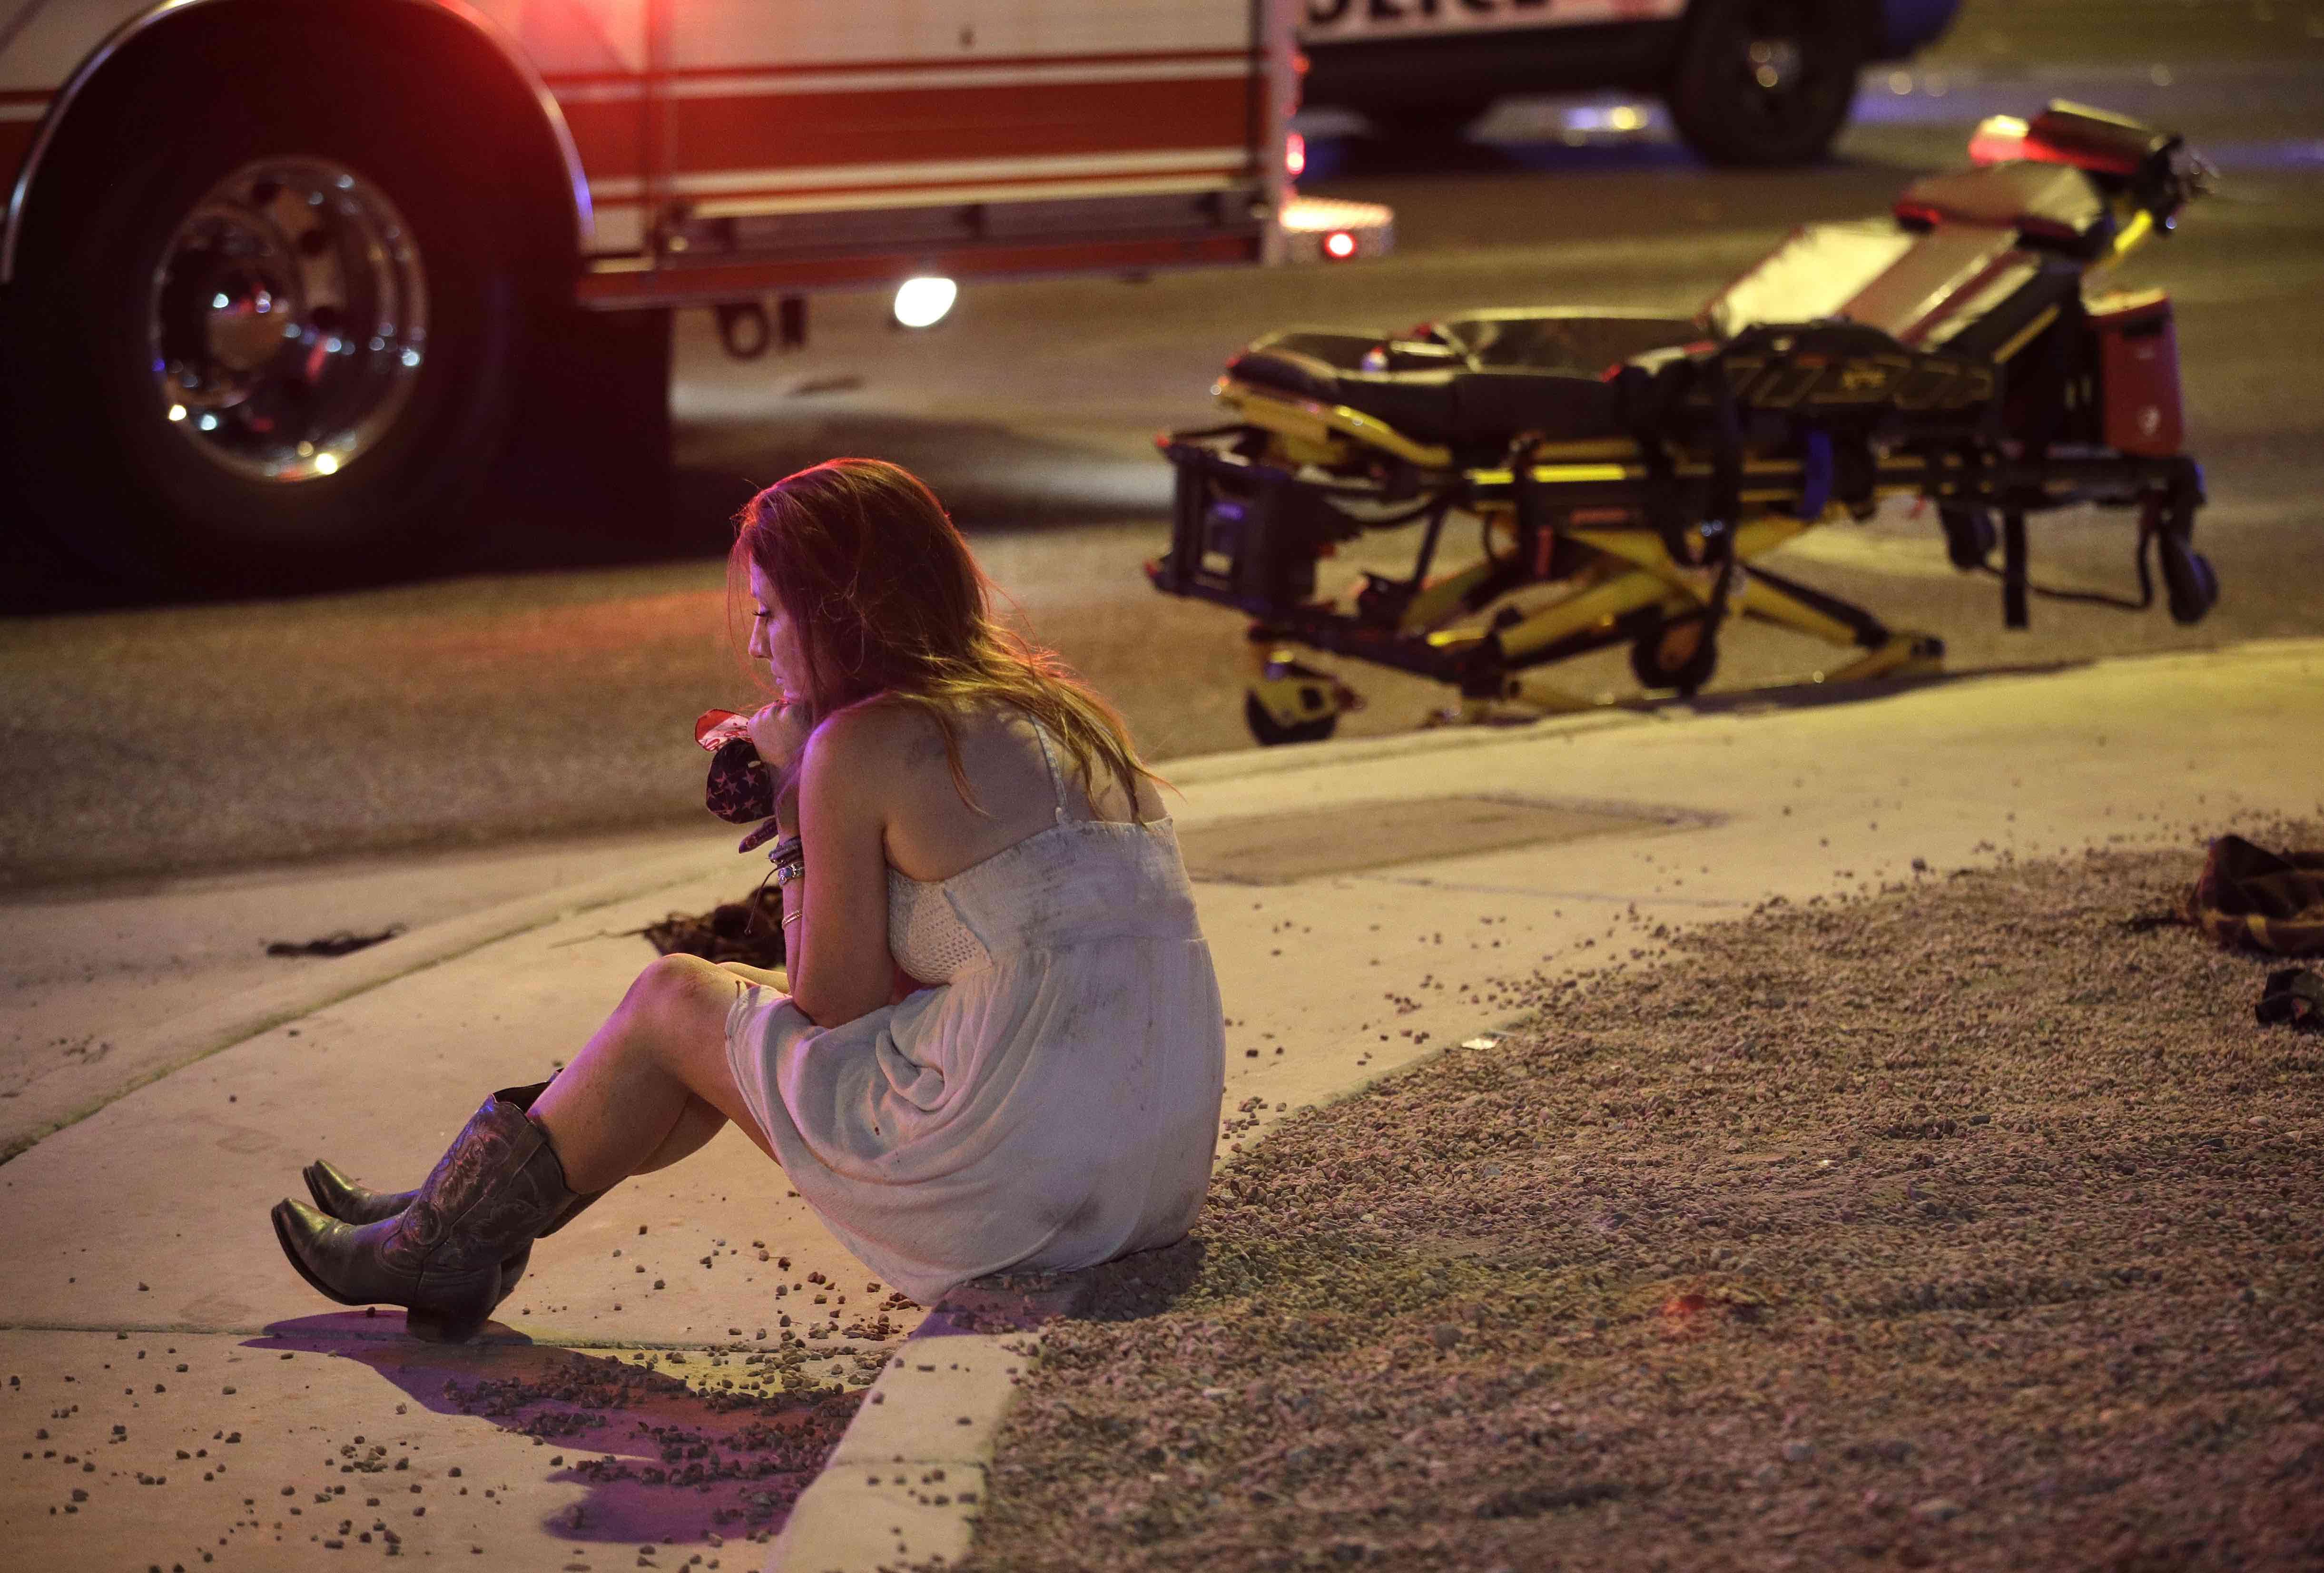 Eine Konzertbesucherin sitzt nach dem Gewalt-Vorfall auf der Straße unweit des Tatorts